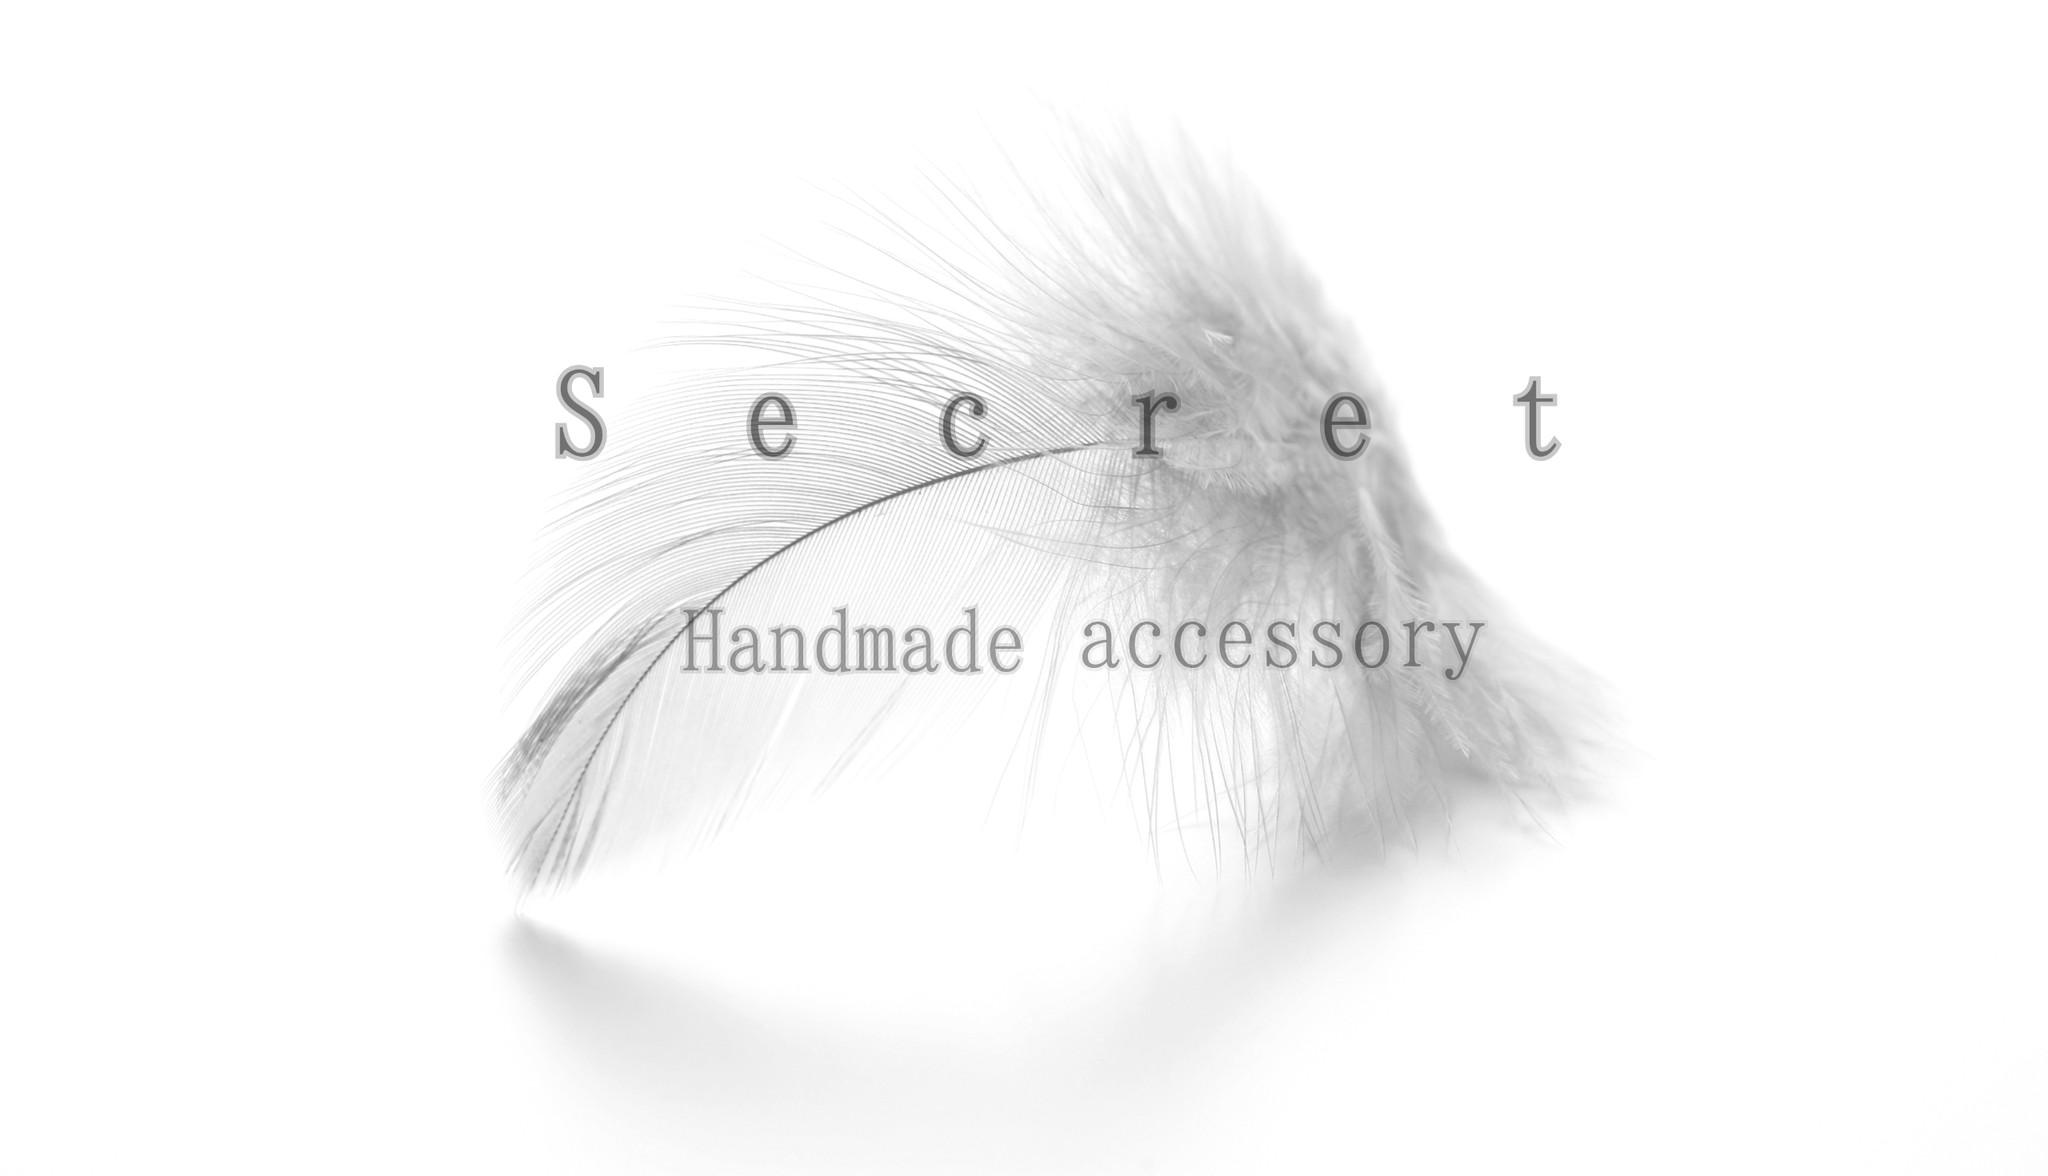 secret2710